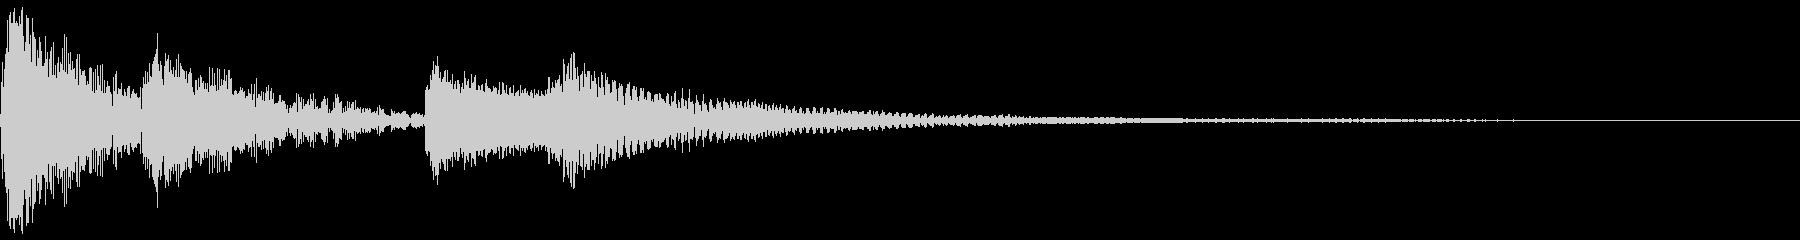 木琴(お知らせ・通知音)の未再生の波形